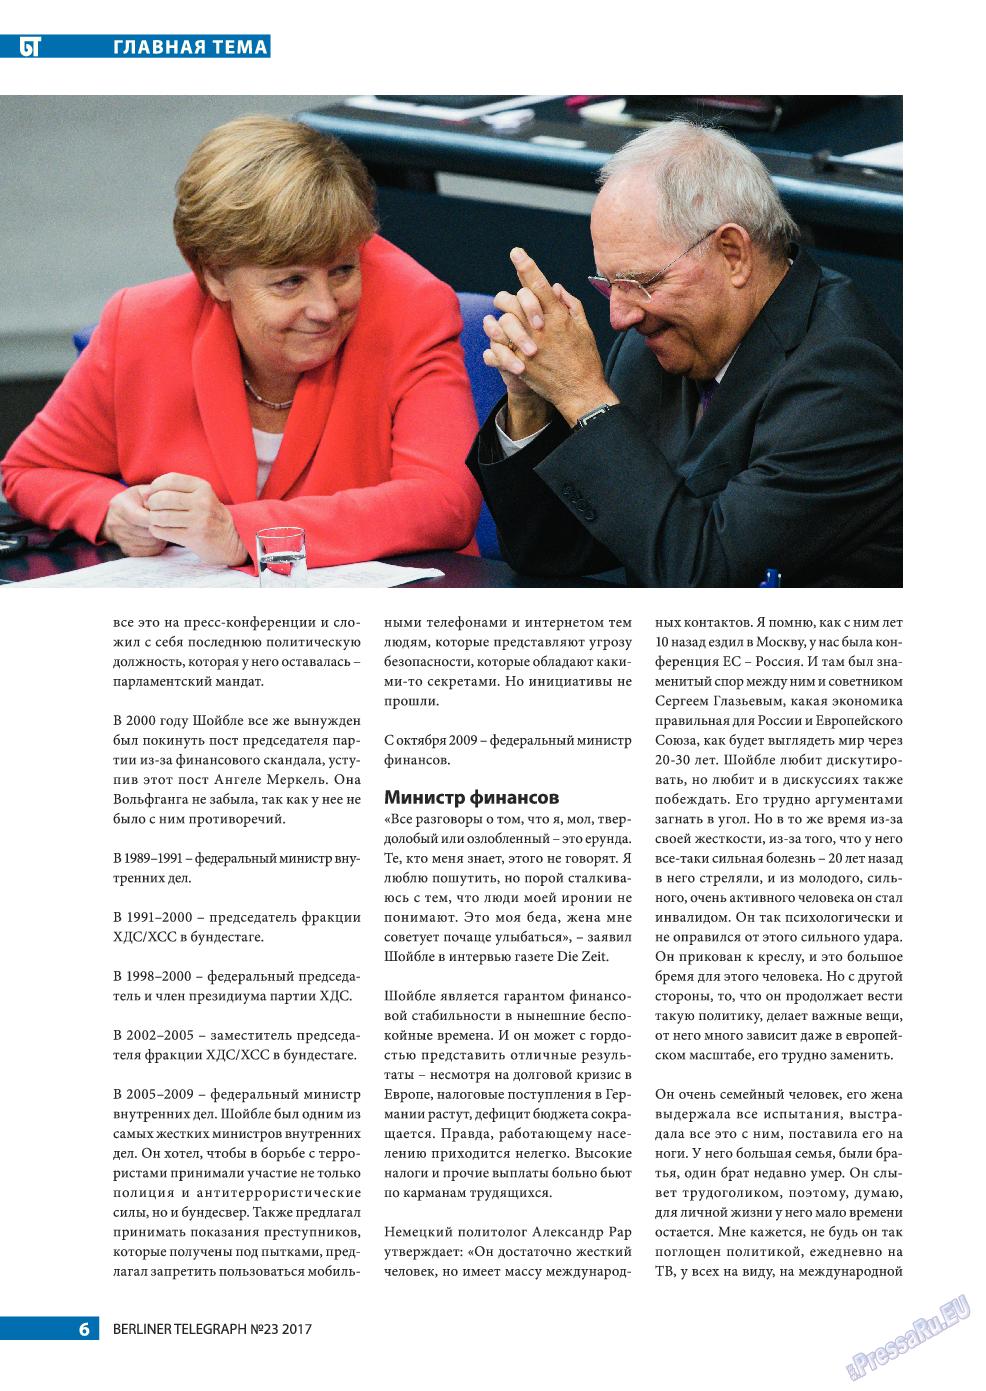 Берлинский телеграф (журнал). 2017 год, номер 23, стр. 6